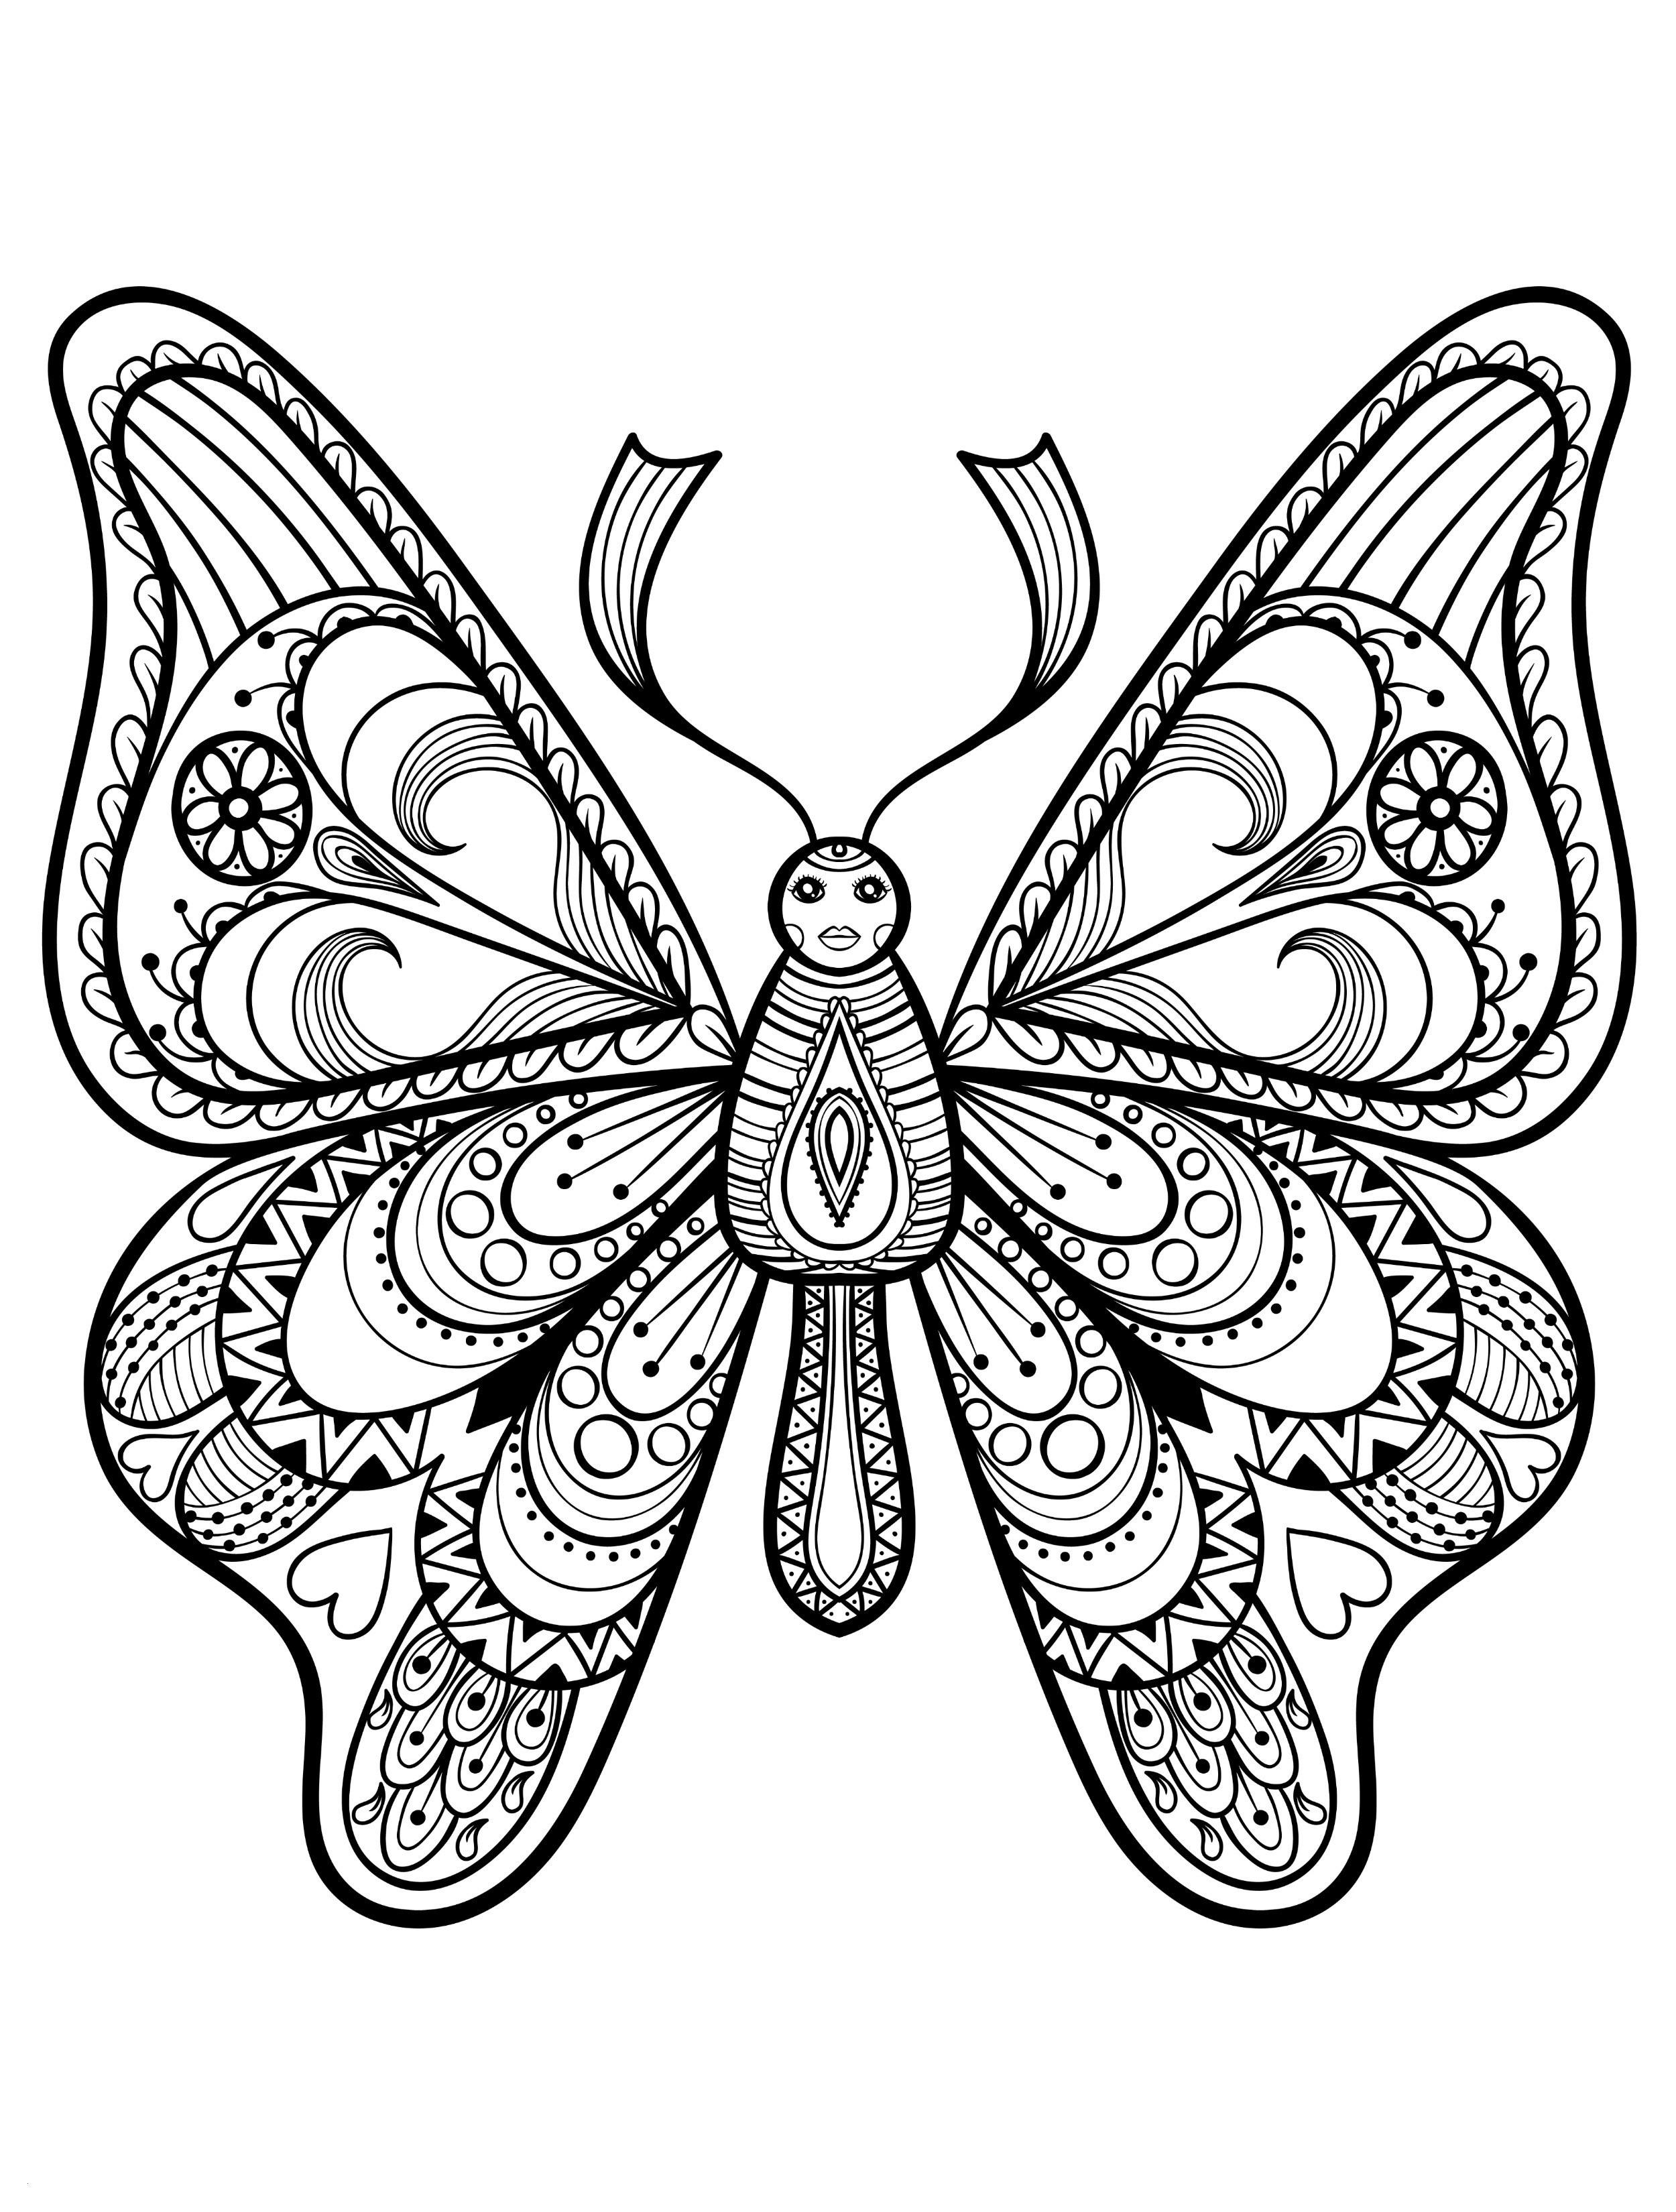 Schmetterling Bilder Zum Ausmalen Einzigartig 30 Ausmalbilder Schmetterling Mandala forstergallery Das Bild